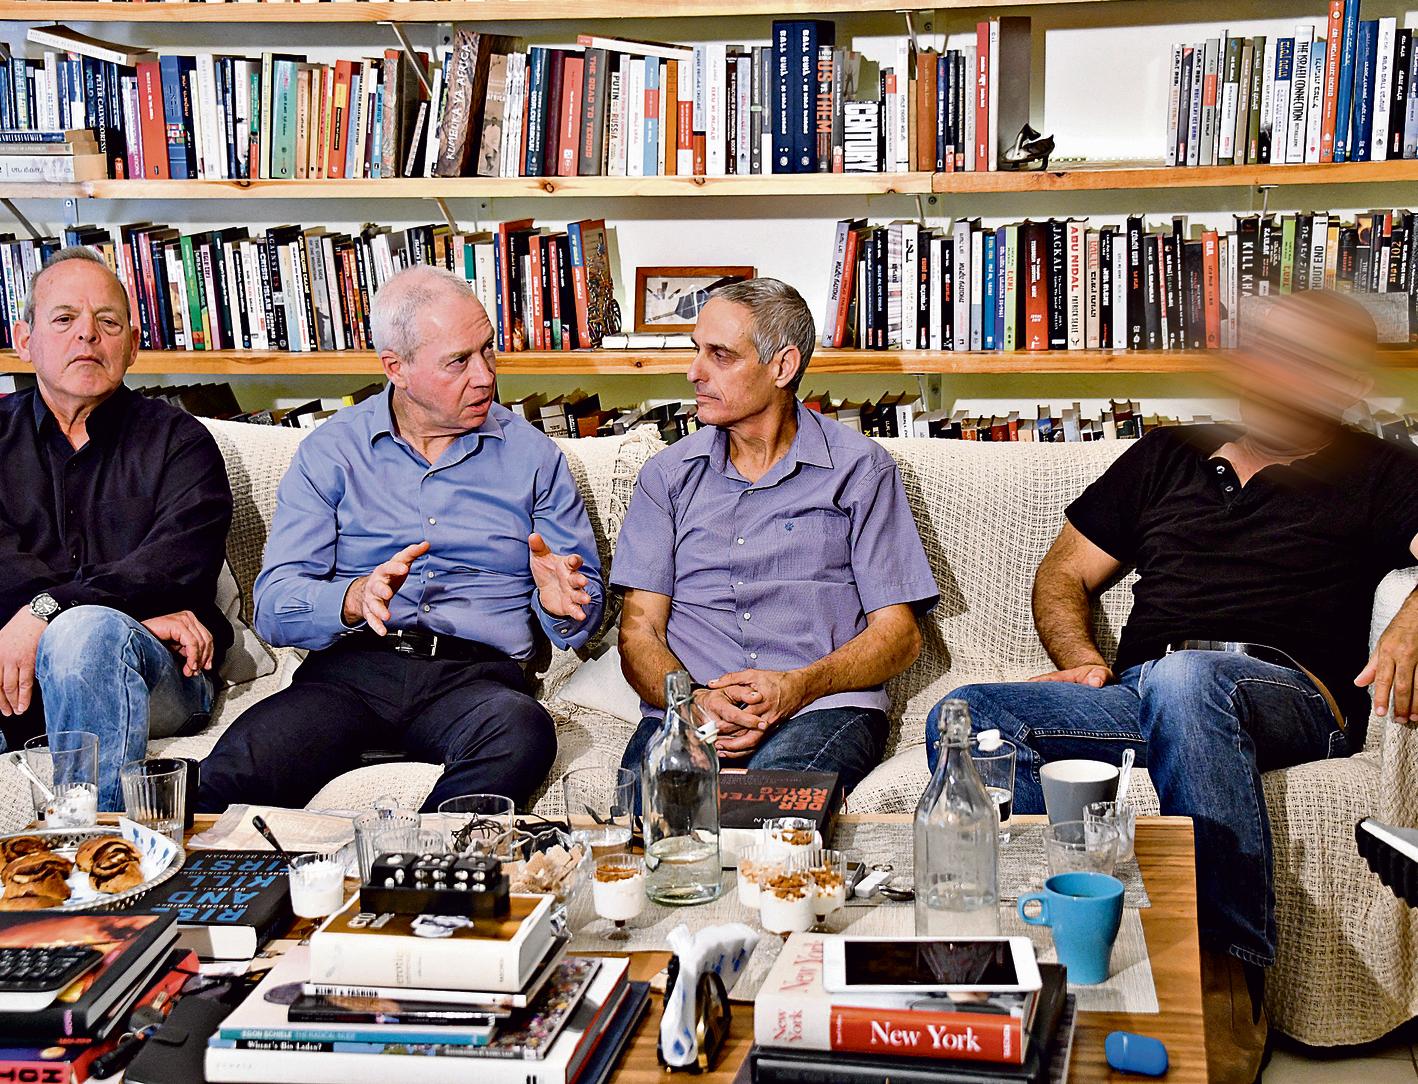 """מימין לשמאל: ח', מושינסקי, גלנט ורוזמרין. רוזמרין: """"ואז אני צועק, 'לא לירות!' וככה שייקה ברוש (לימים מפקד השייטת) חי היום"""""""